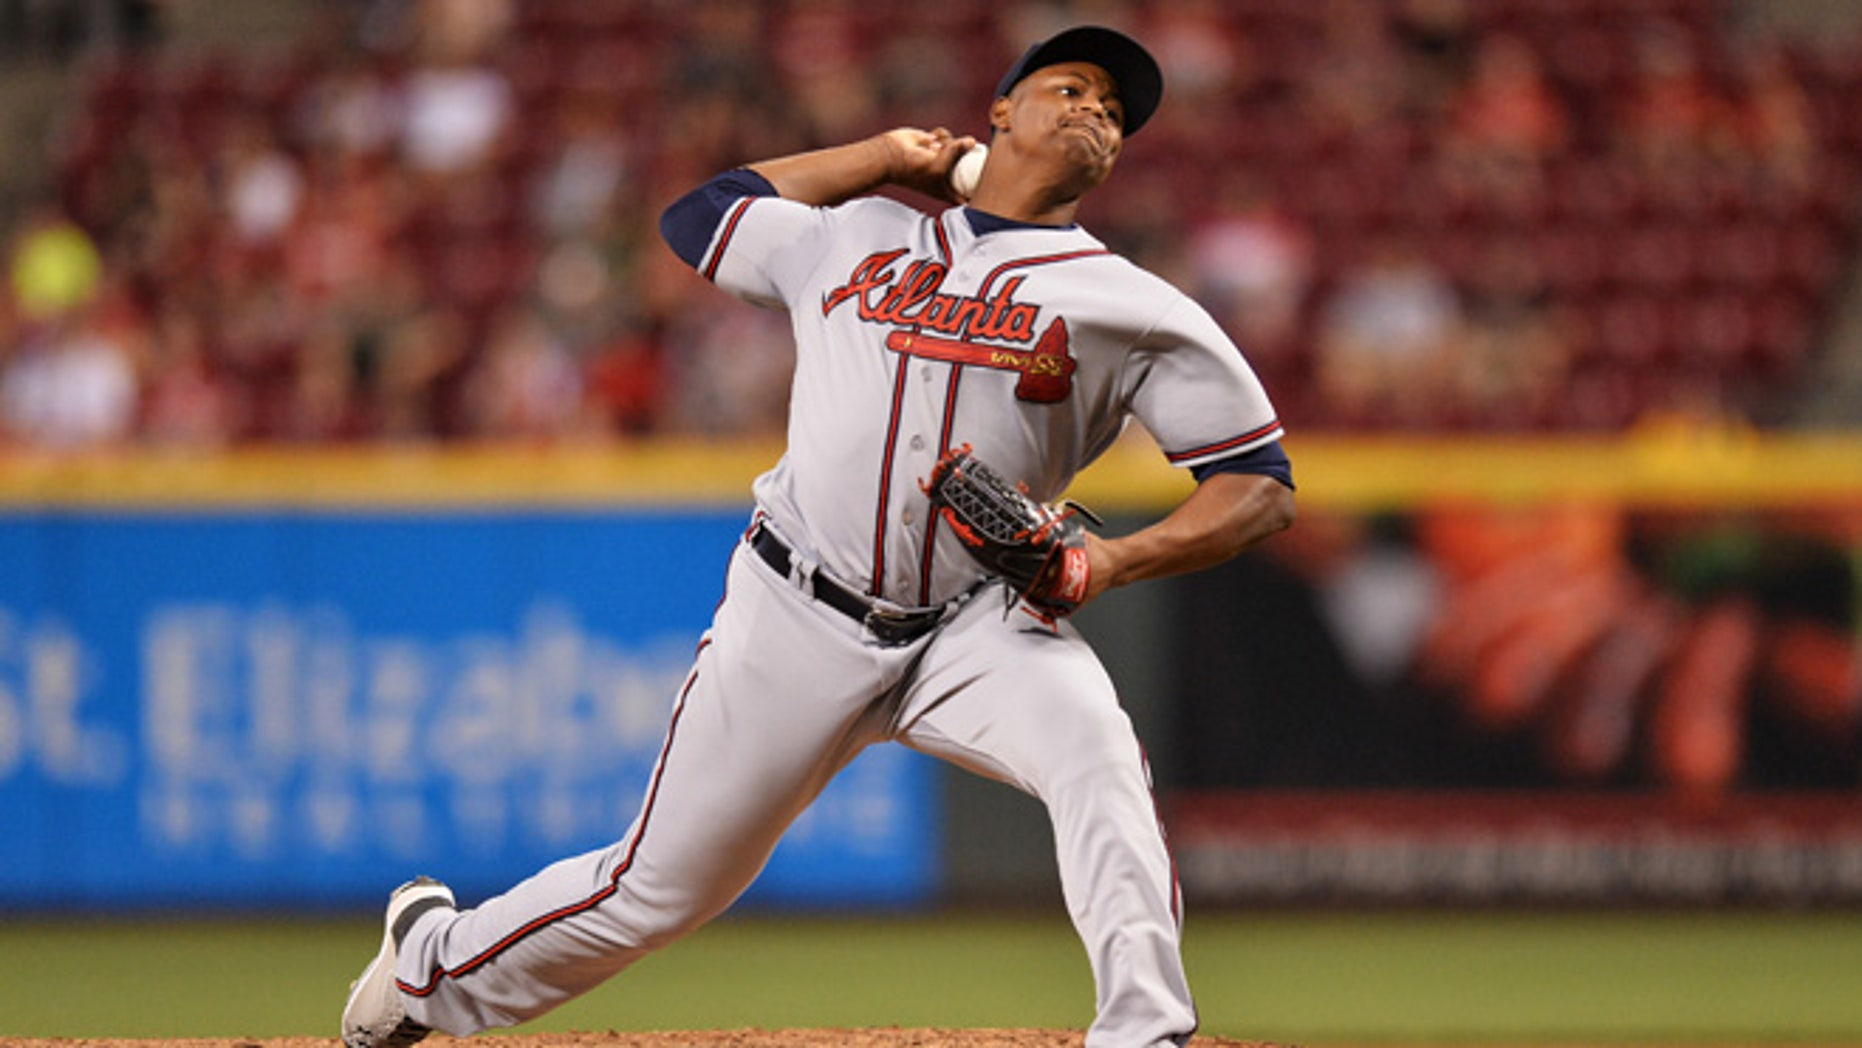 Mauricio Cabrera #62 of the Atlanta Braves on July19, 2016 in Cincinnati, Ohio.